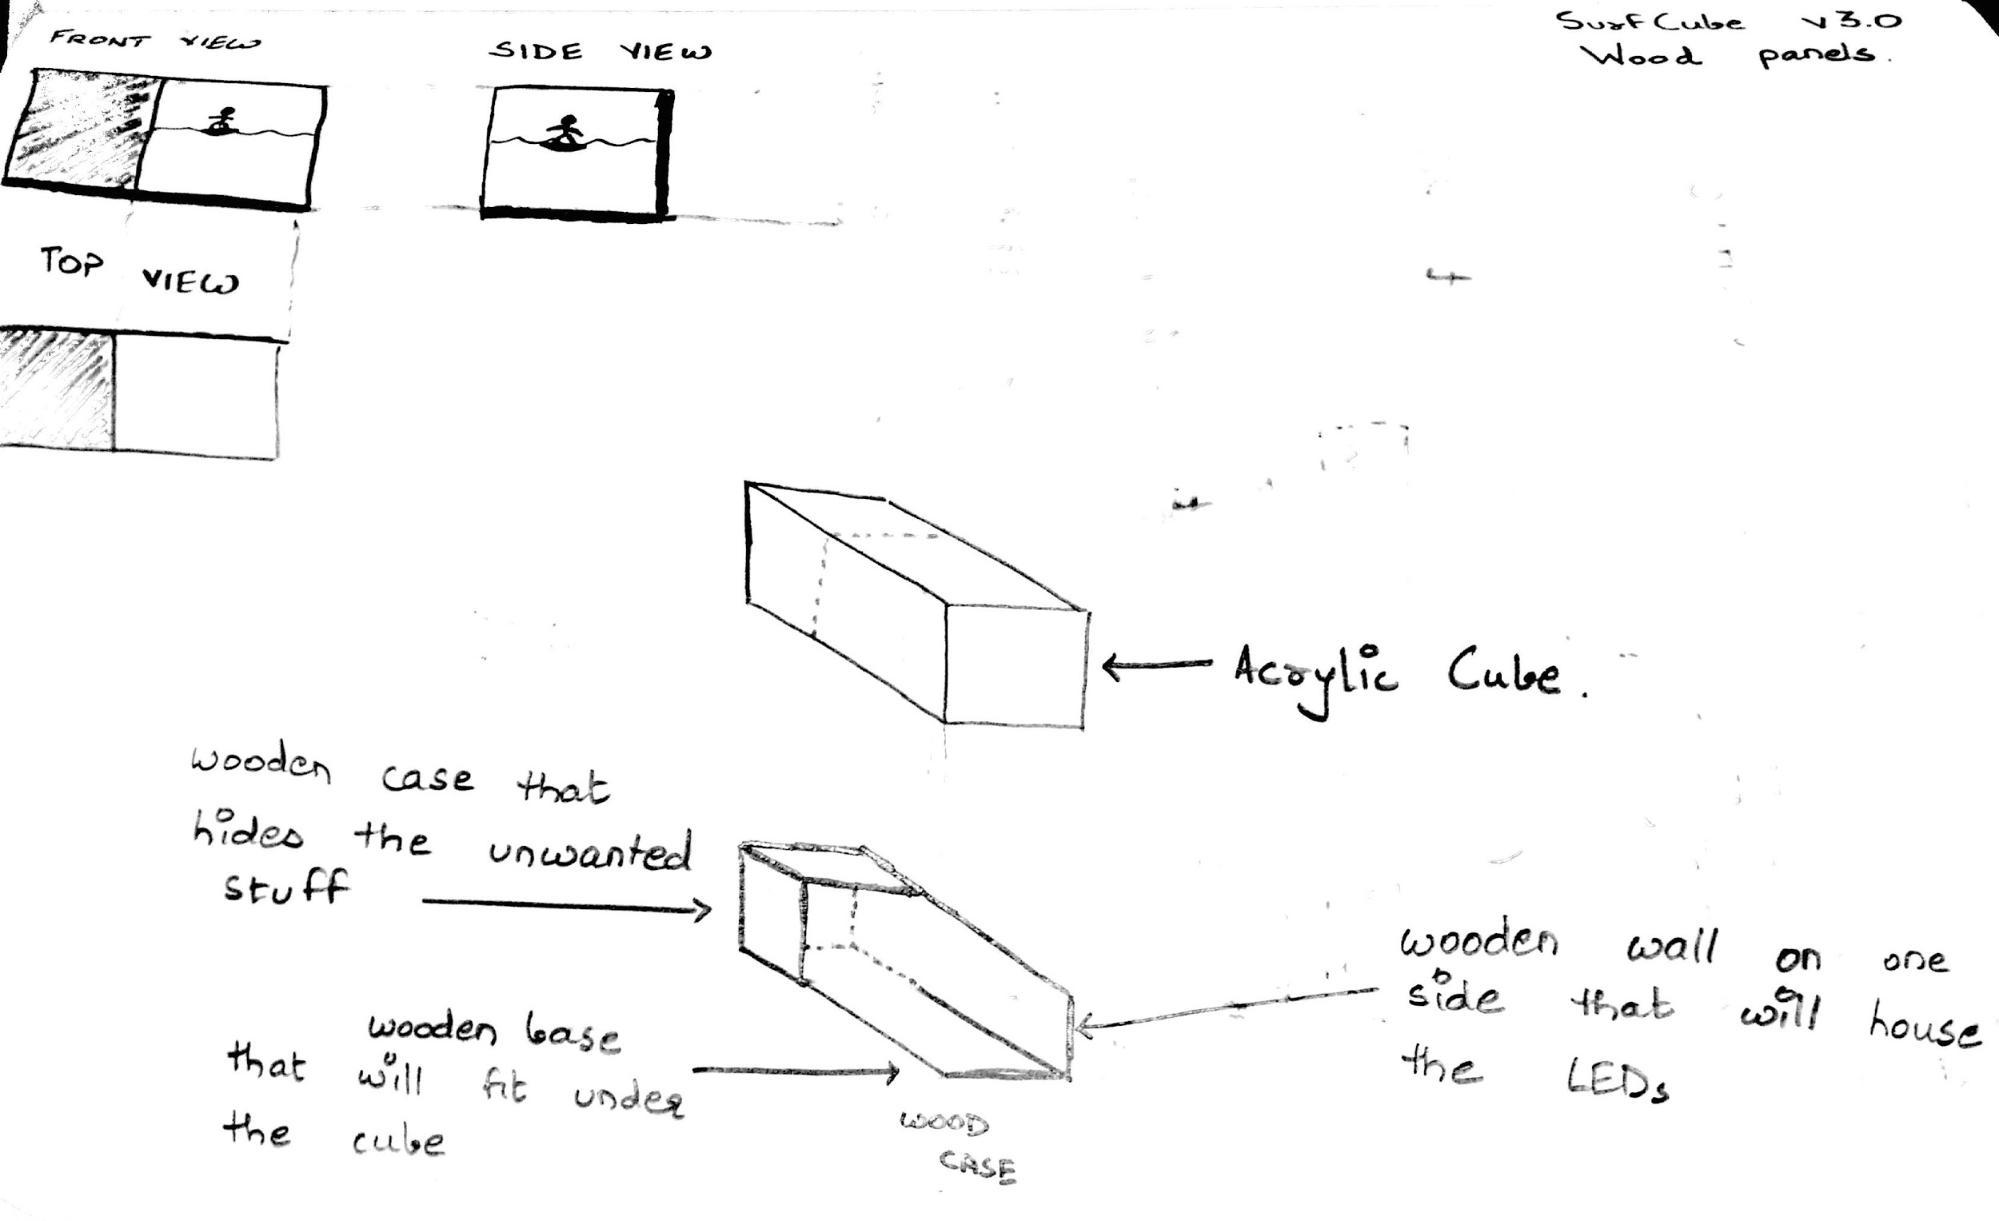 Laser cut wood case